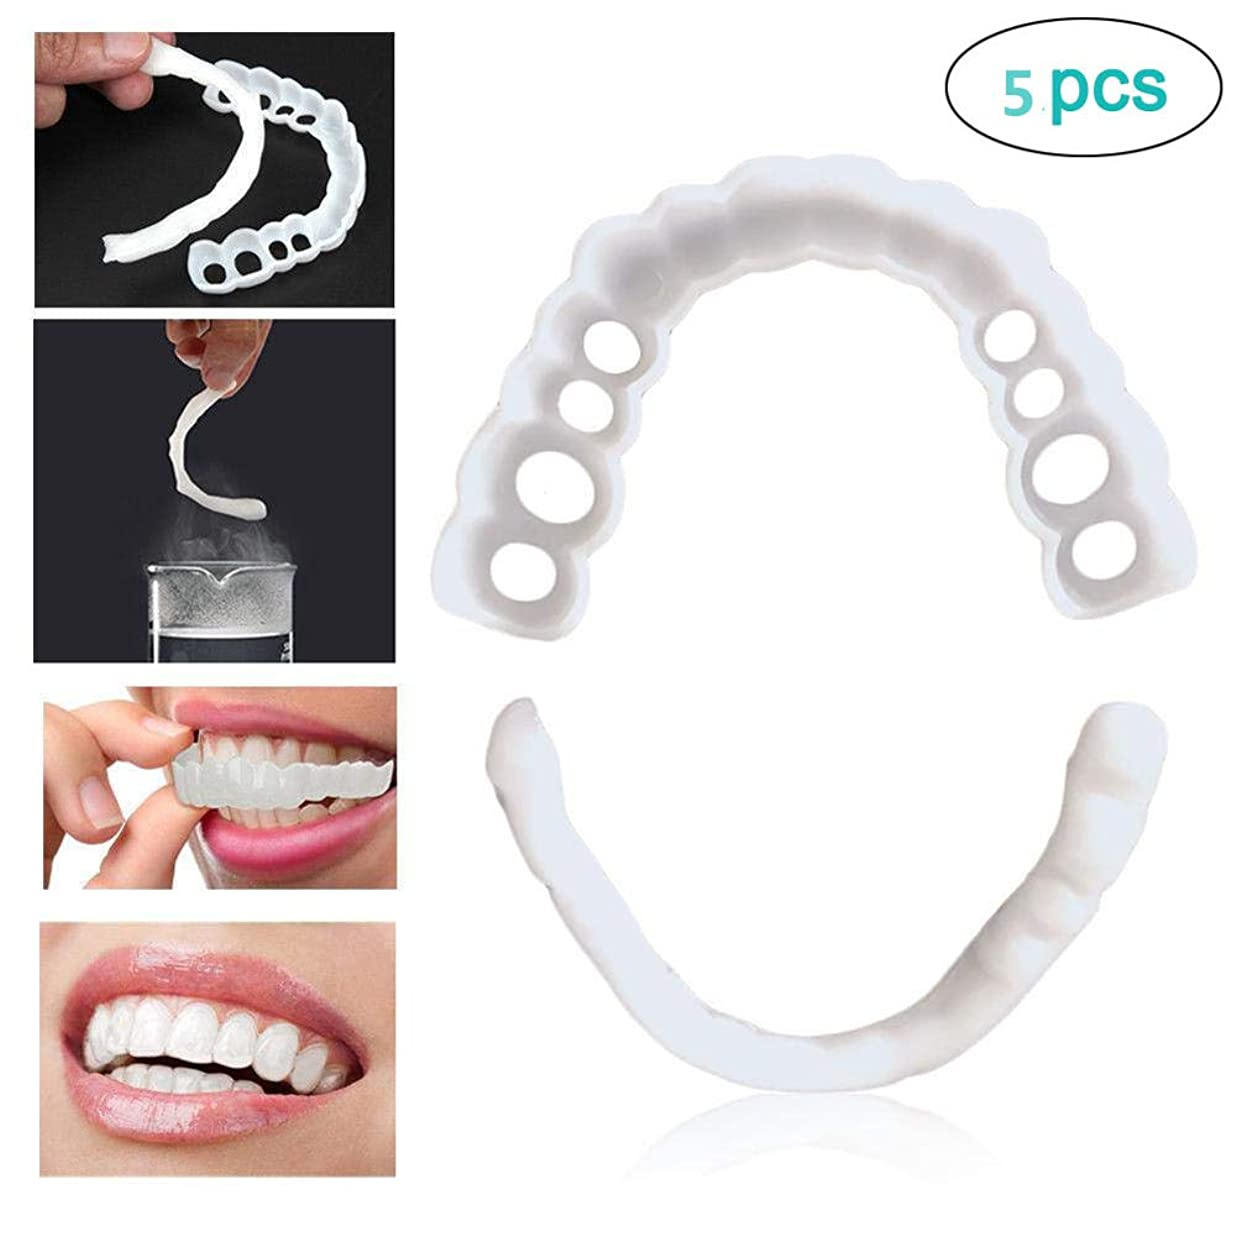 冊子メロディー愛するインスタント快適で柔らかい完璧なベニヤの歯スナップキャップを白くする一時的な化粧品歯義歯歯の化粧品シミュレーション上袖/下括弧の5枚,lowerteeth5pcs